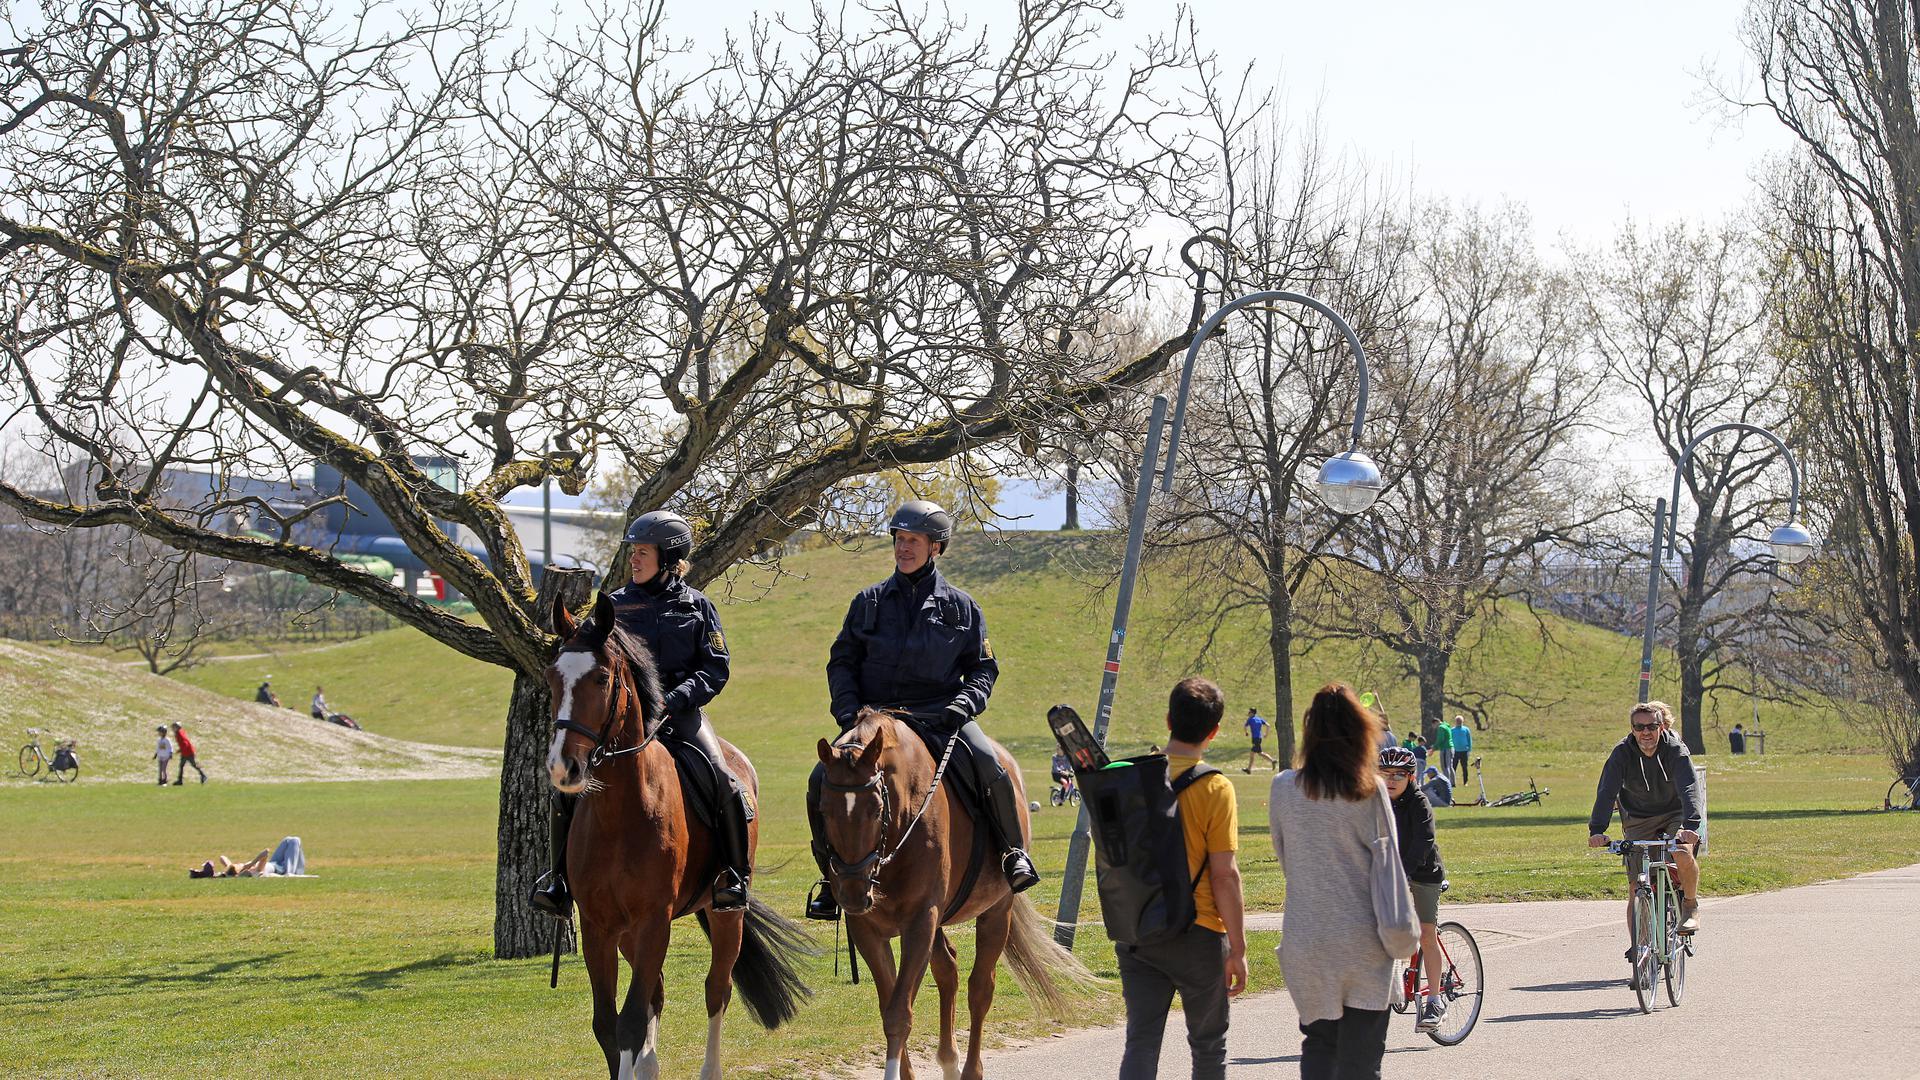 Ein Polizistenduo auf zwei großen Braunen patrouilliert am Samstagnachmittag in der Karlsruher Günther-Klotz-Anlage. Am Tag, an dem für viele Familien die Osterferien beginnen, gelten weiter strenge Bestimmungen zum Schutz vor Infektionen.